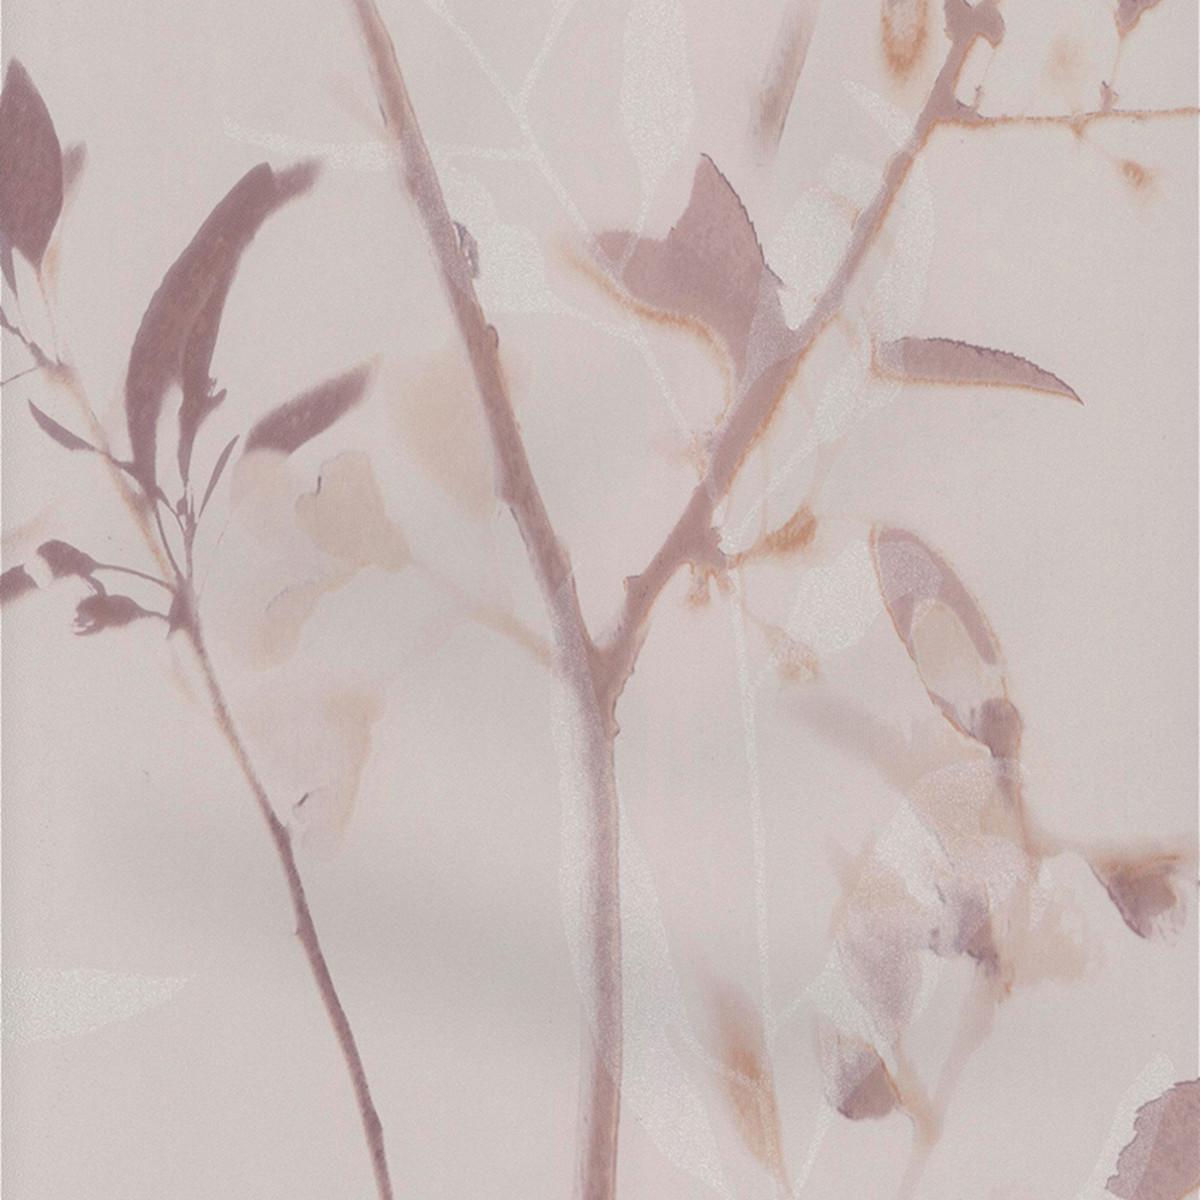 Обои флизелиновые Bn International Glassy розовые 0.53 м 218320